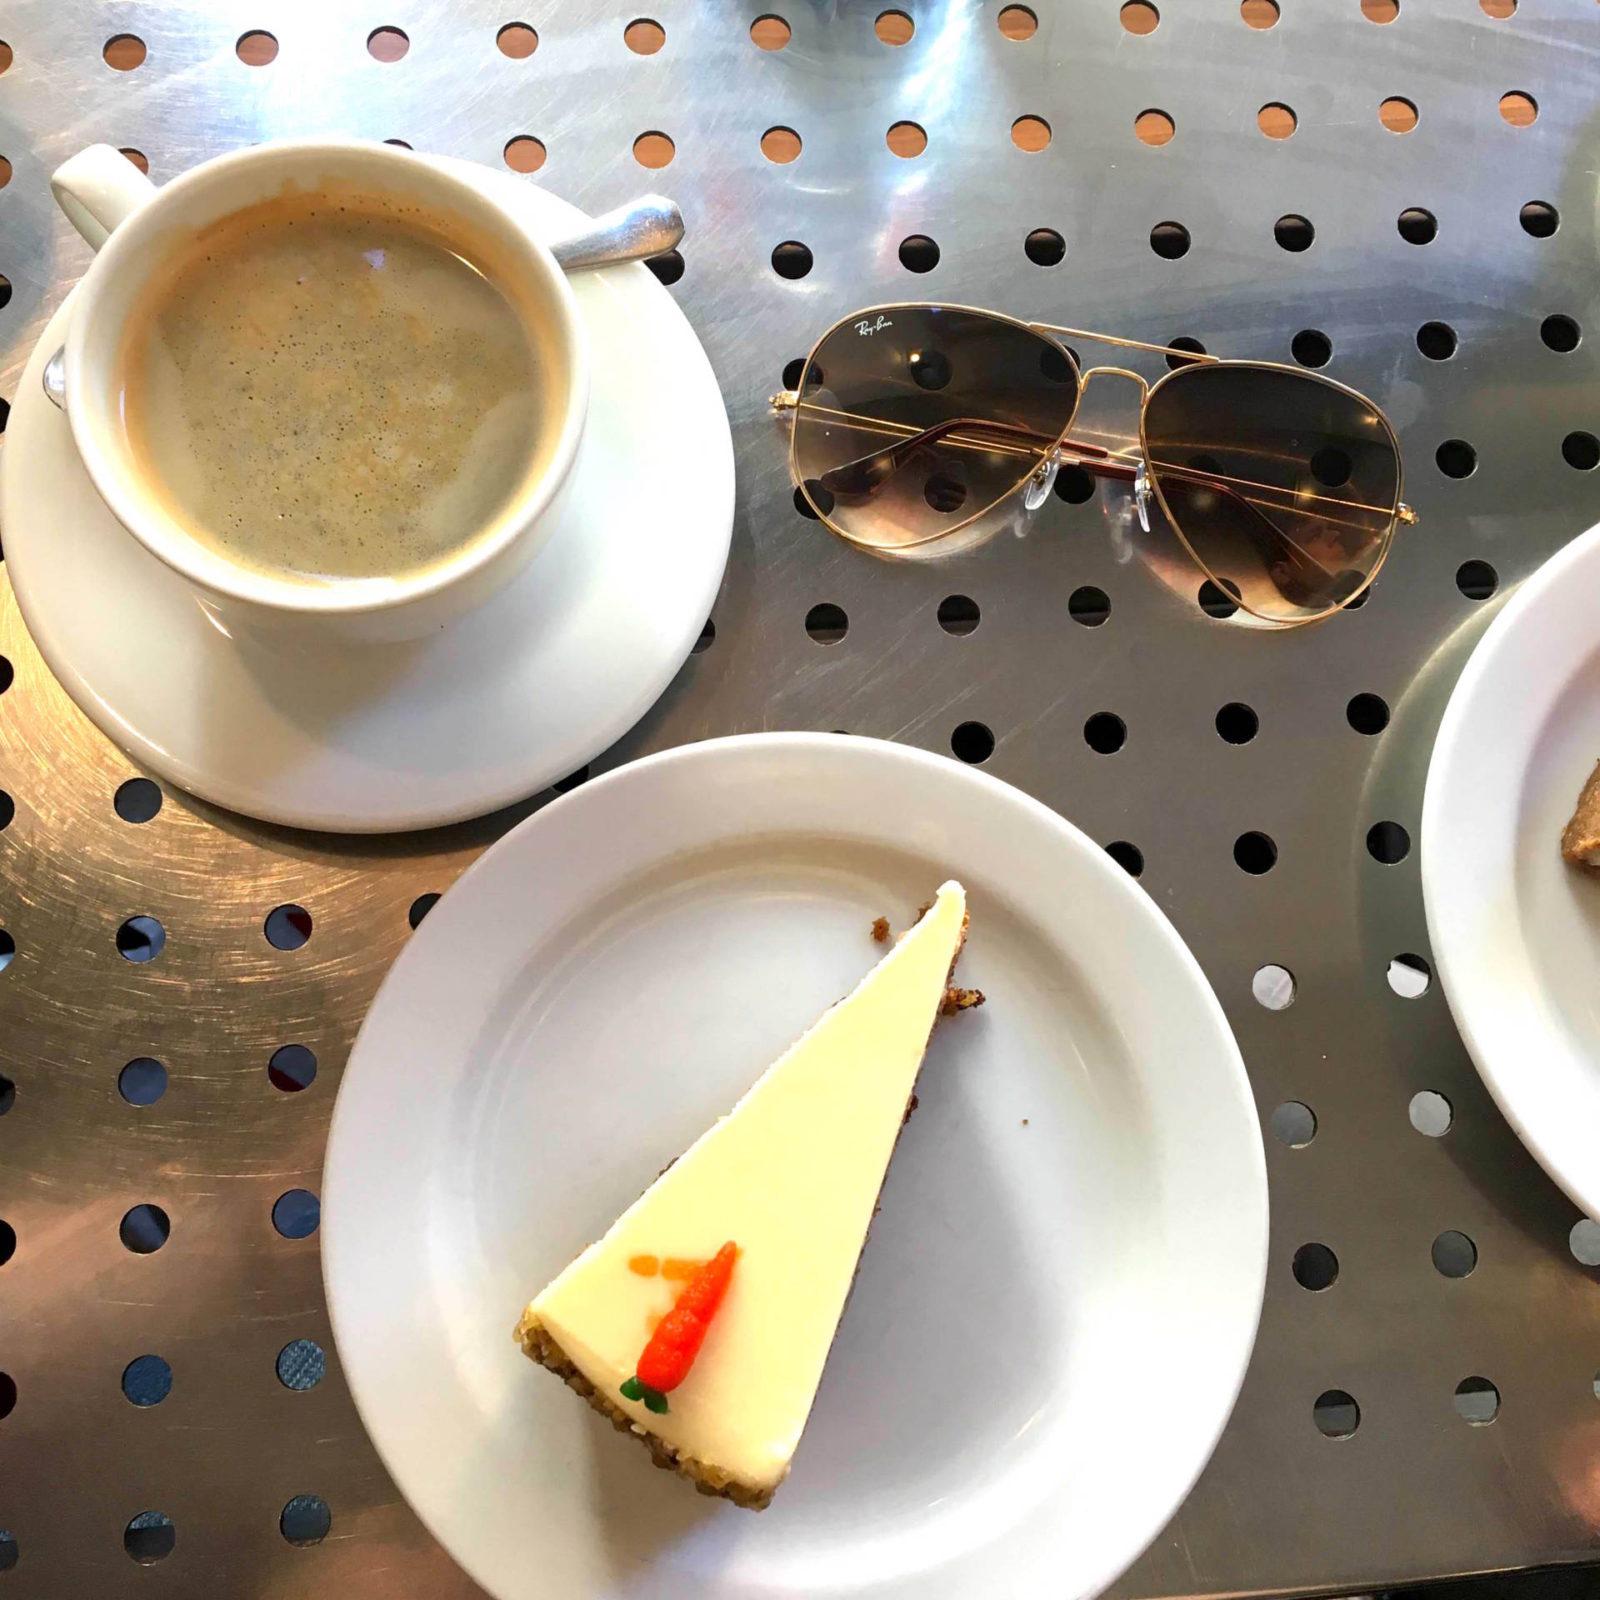 Bakeshop - Places to Eat in Prague - StefanieGrace.com